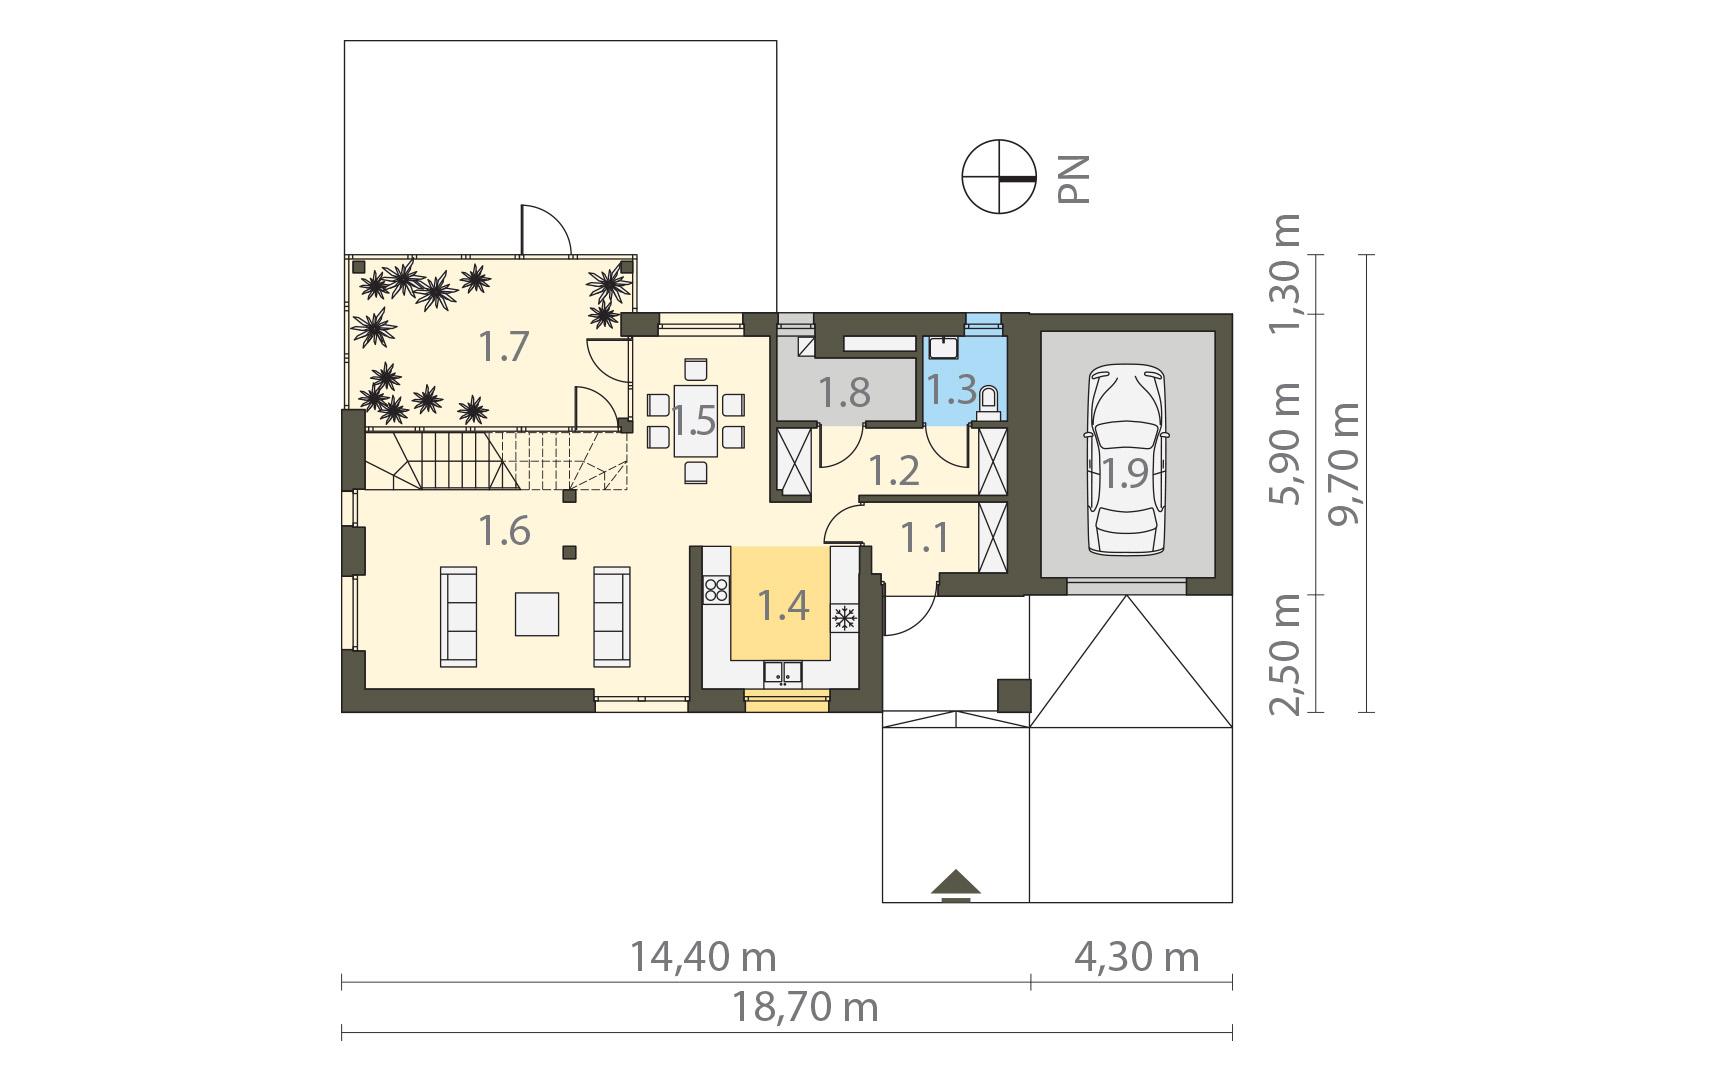 Projekt domu WYCIĘTY Z ANTRESOLĄ Domy Czystej Energii rzut parteru